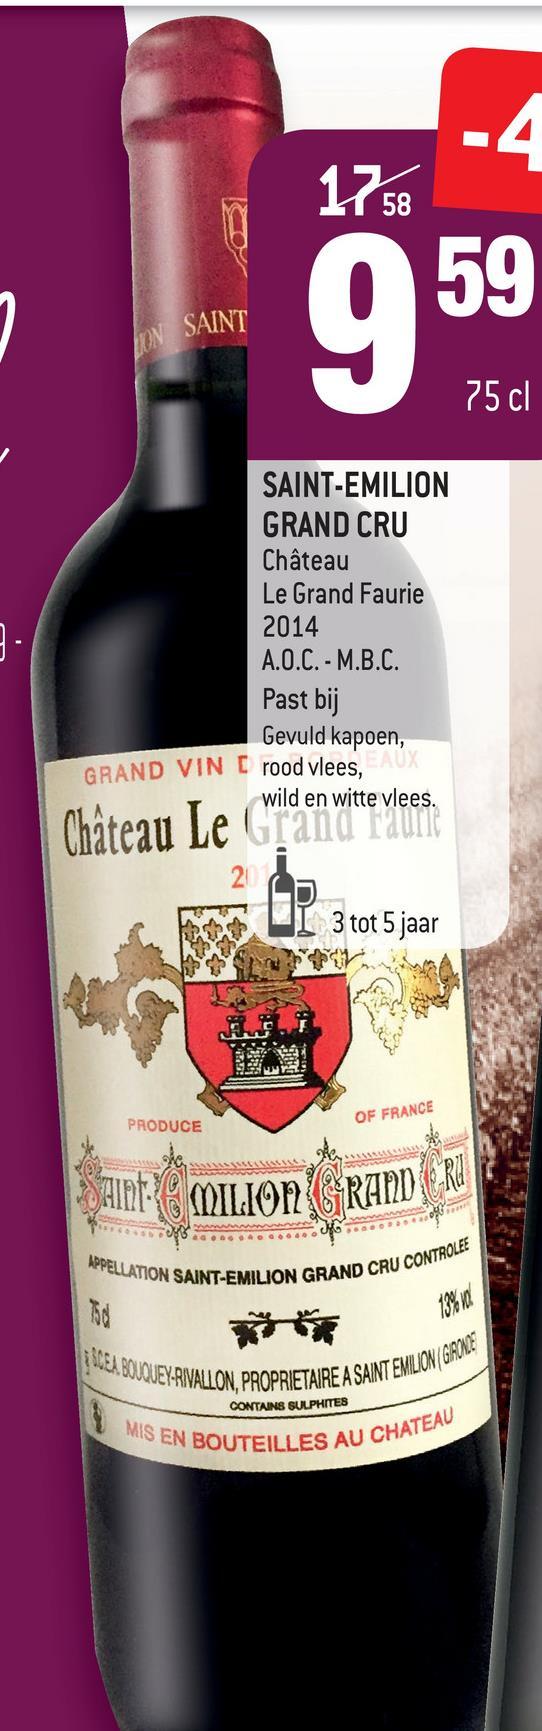 1758 SAINT 75 cl SAINT-EMILION GRAND CRU Château Le Grand Faurie 2014 A.O.C. - M.B.C. Past bij Gevuld kapoen, GRAND VIN E rood vlees, wild en witte vlees. Château Le Granu nanti w UI 3 tot 5 jaar PRODUCE OF FRANCE Saint: MILION GRAPID RO APPELLATION SAINT-EN GRAND CRU CONTROLEE 24. BOUQUEY-RIVALLON, PROPRIETAIRE A SAINT EMILU ARE A SAINT EMILION/ GAME CONTAINS SULPHITES MIS EN IS EN BOUTEILLES AU CHATE